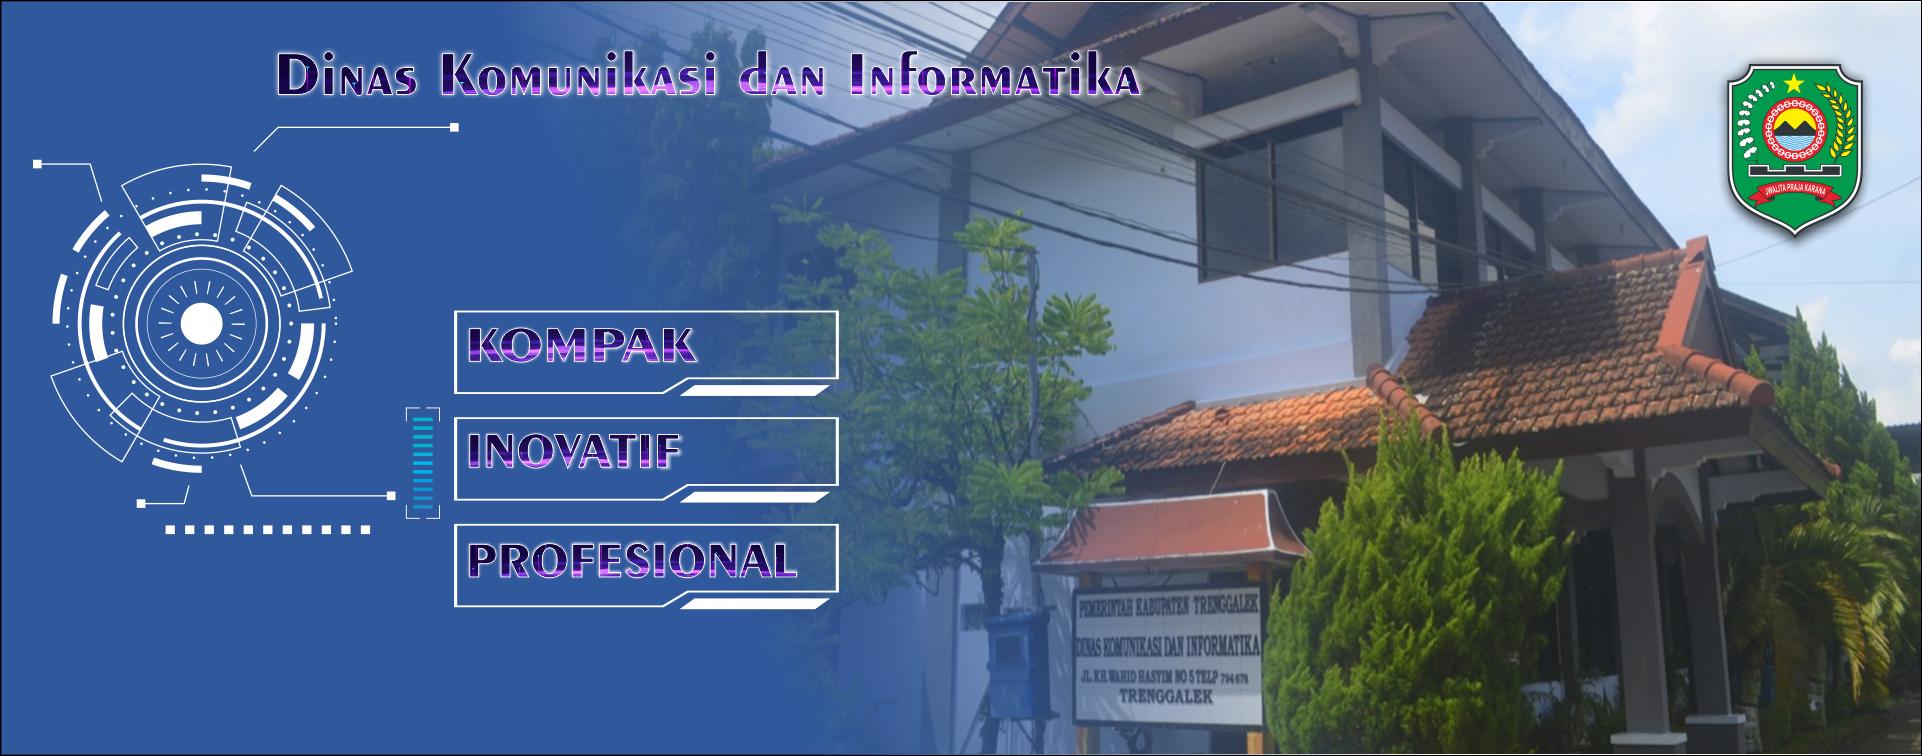 Moto DInas Kominfo Kabupaten Trenggalek